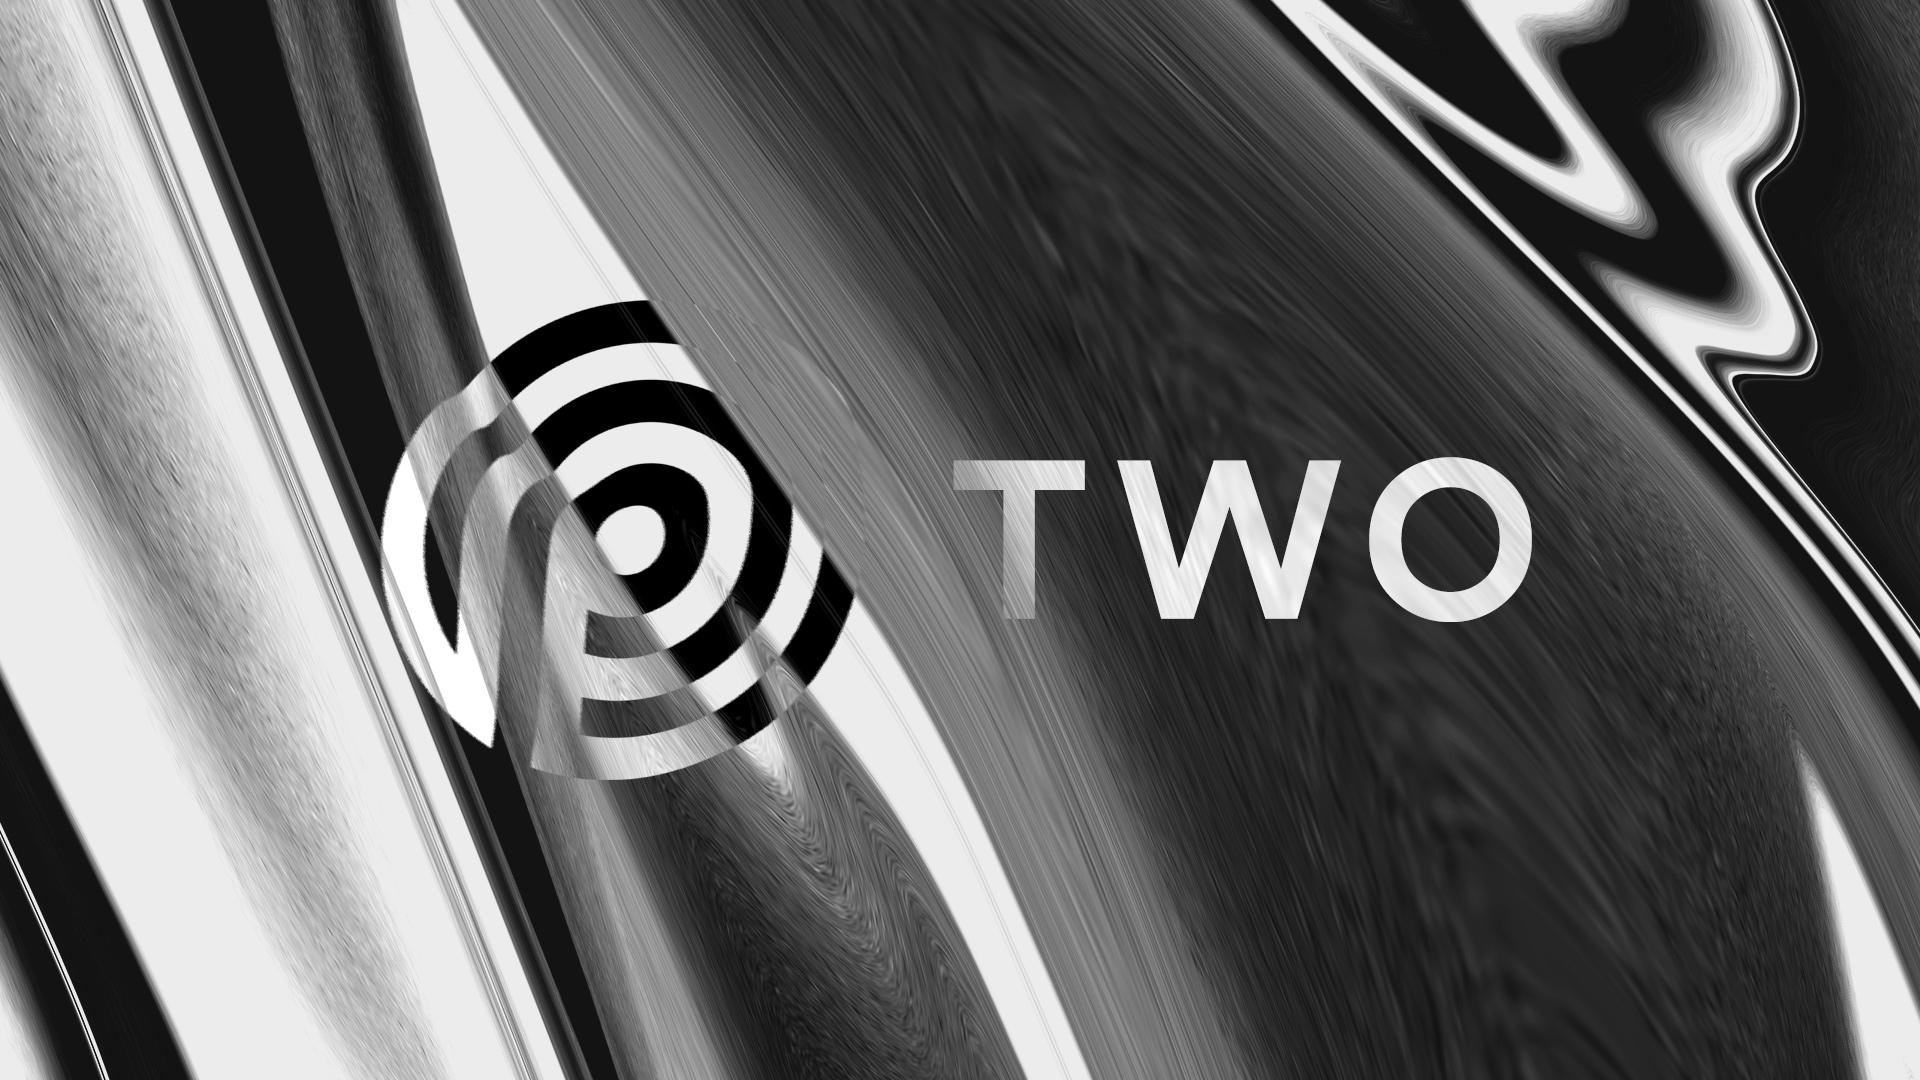 Polychroma: Two